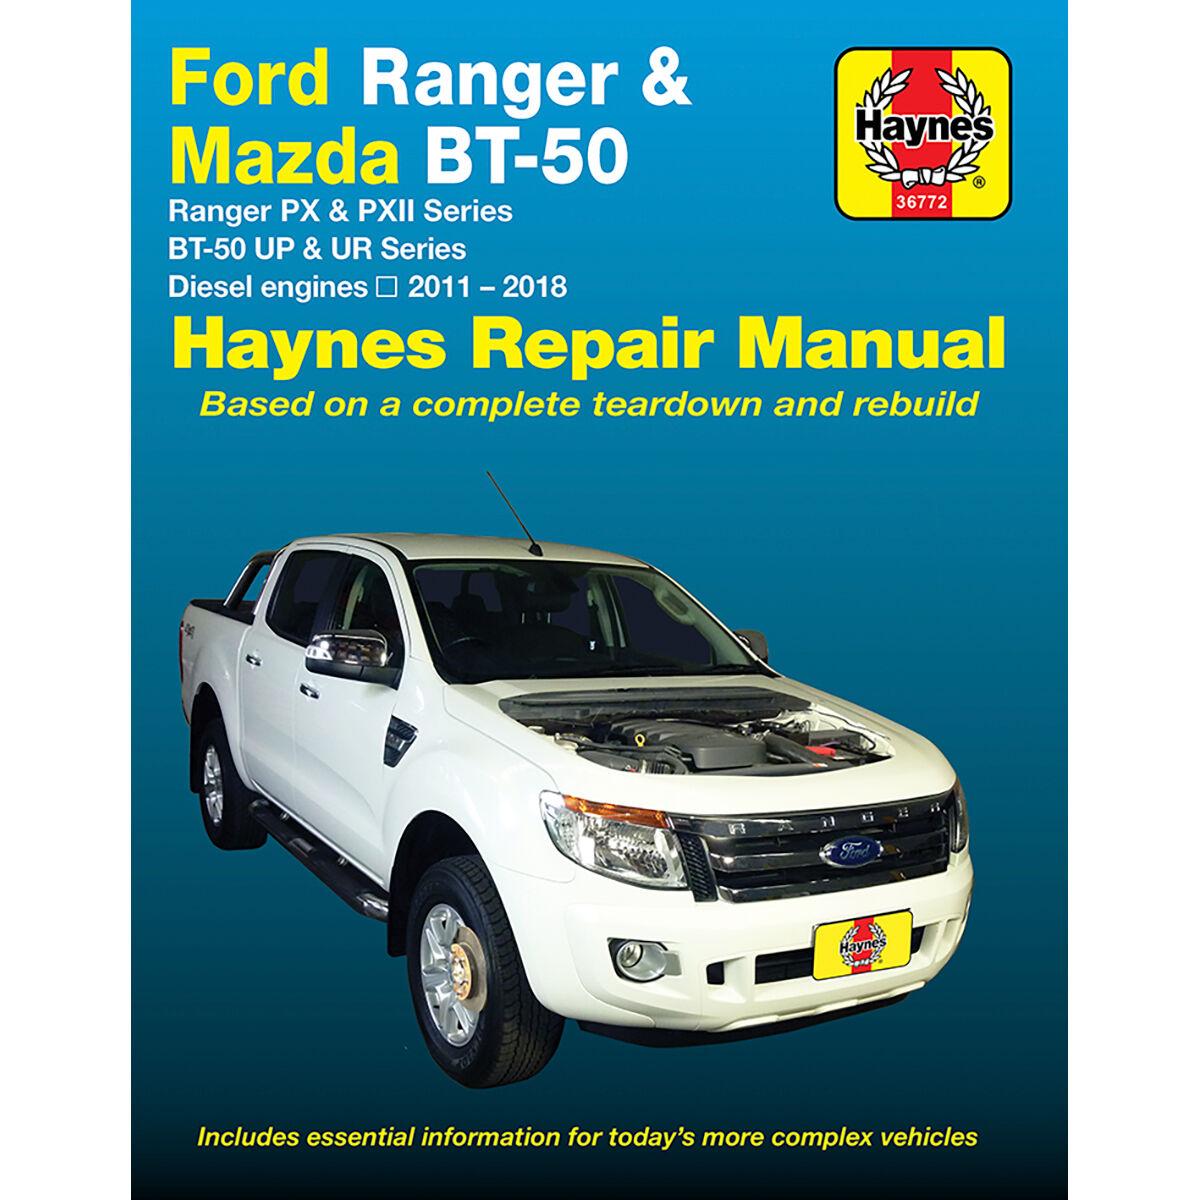 haynes car manual for ford ranger mazda bt 50 2011 2017 36772 rh supercheapauto com au